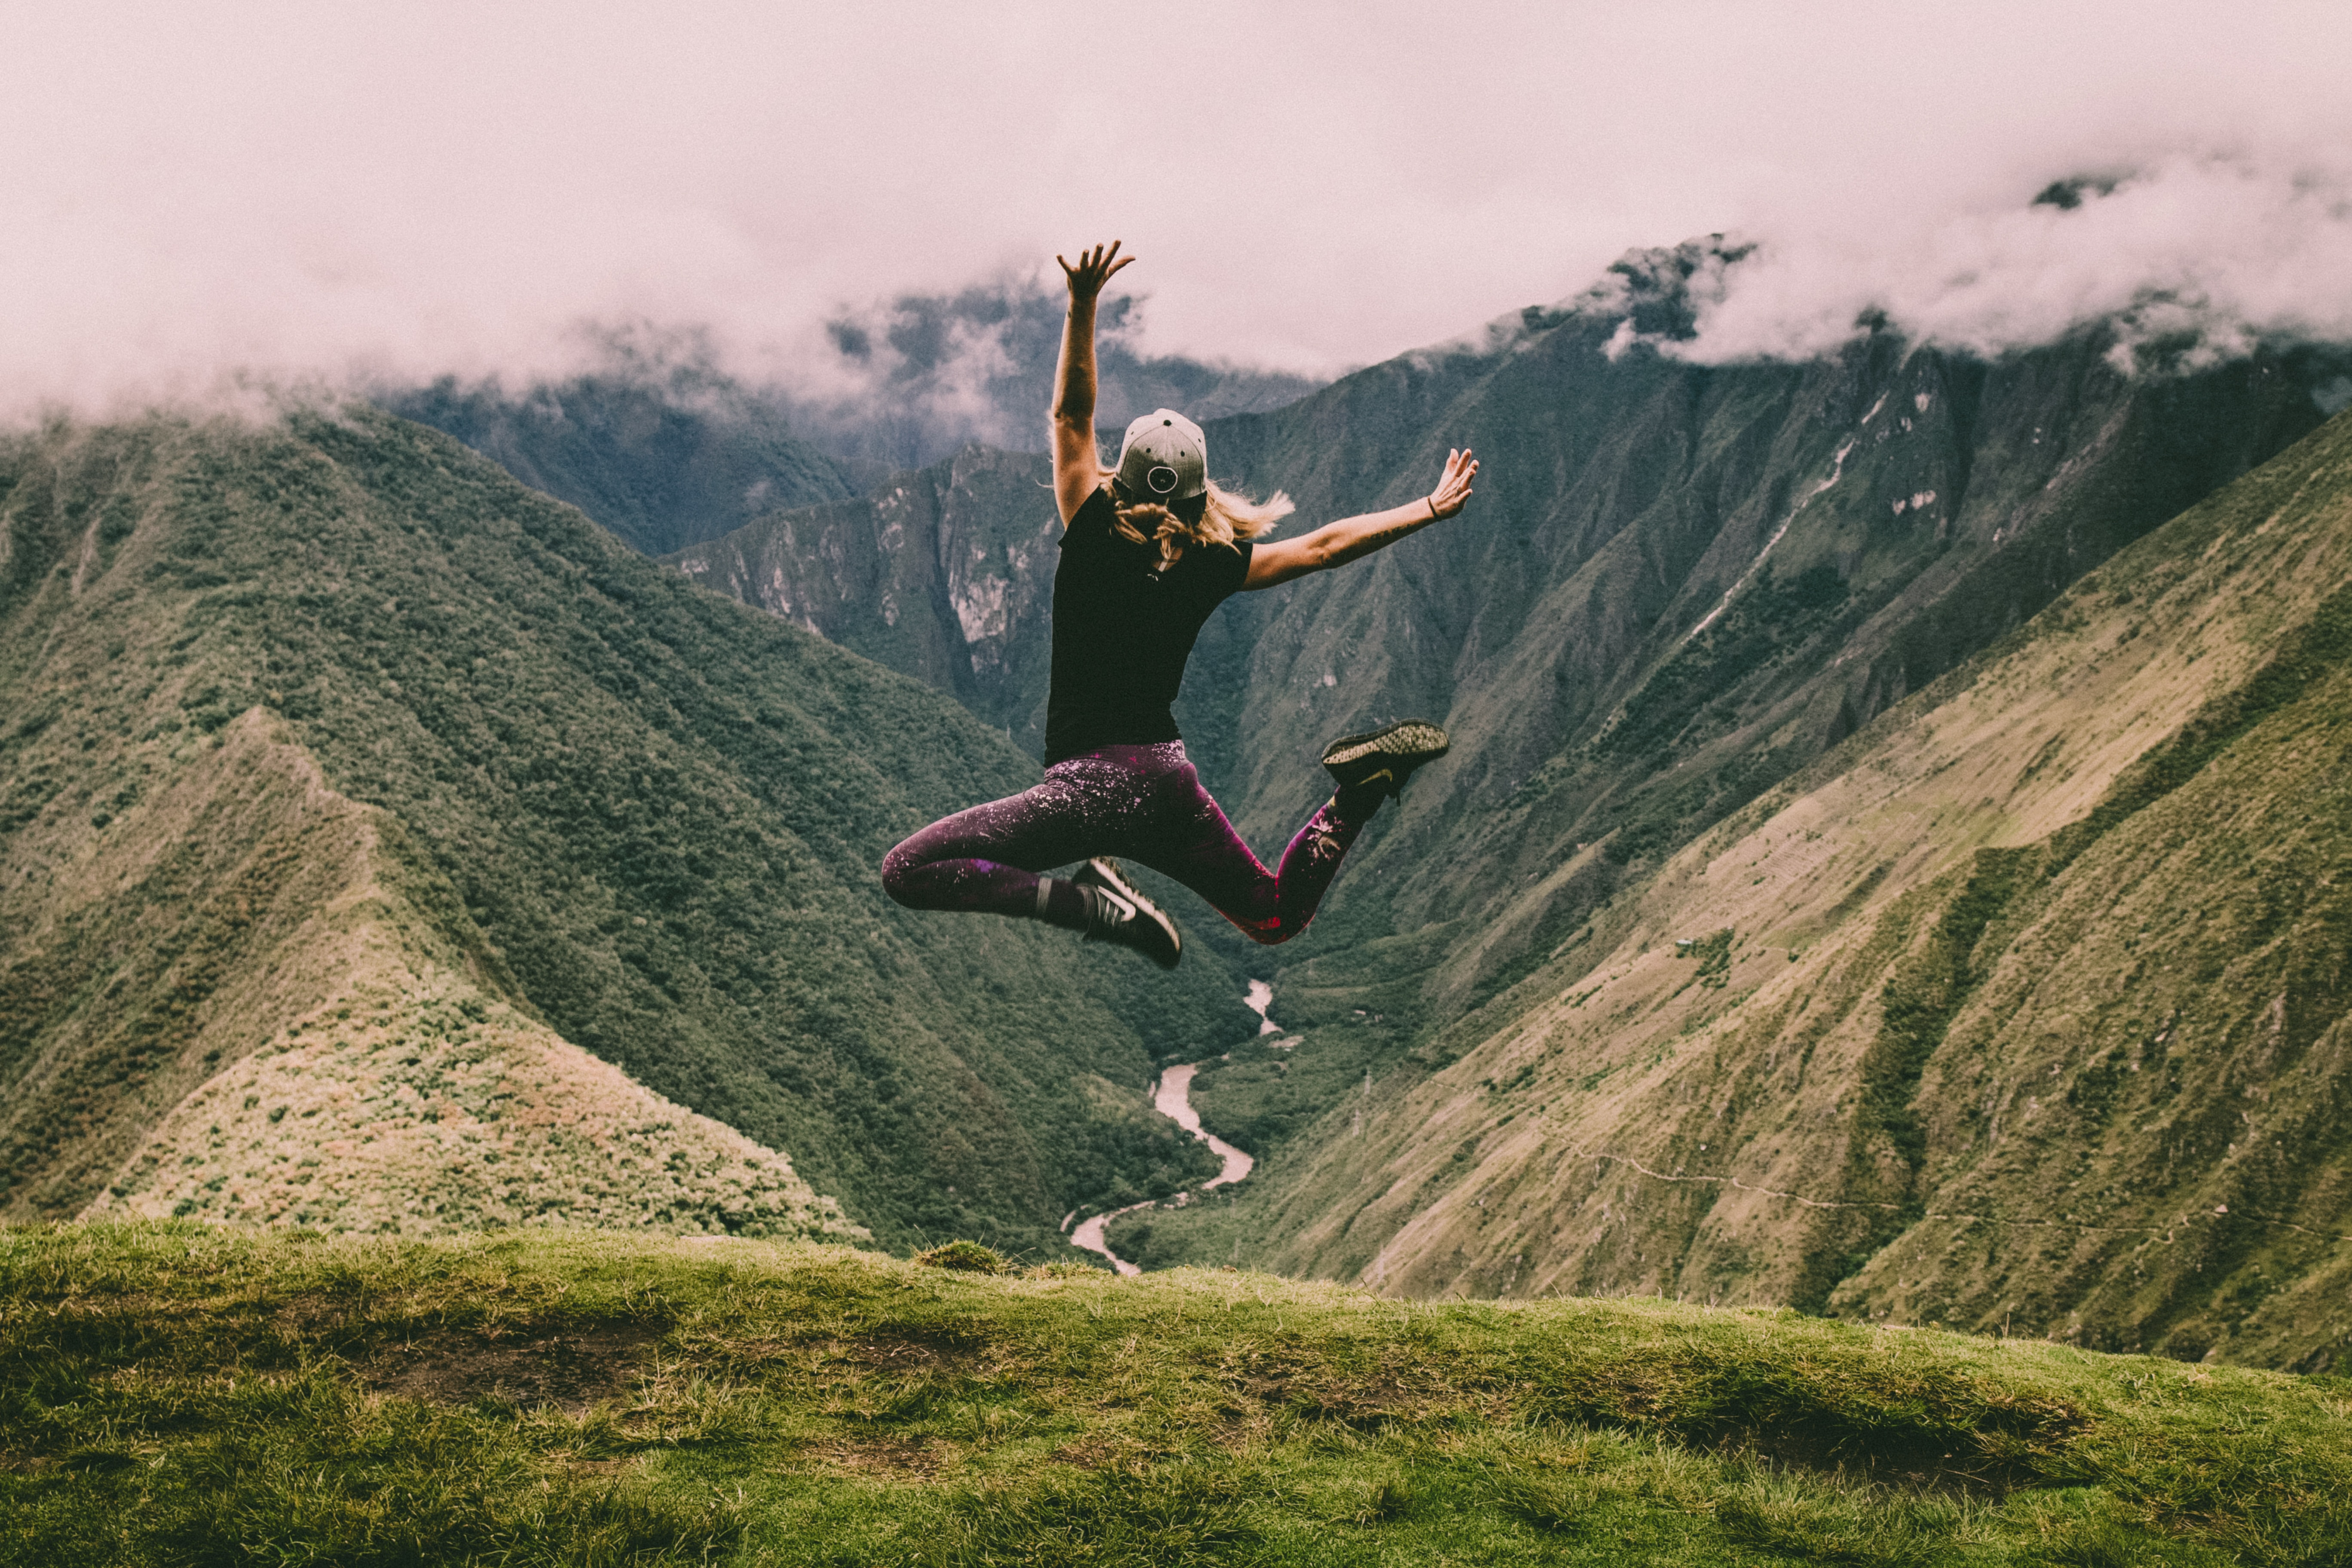 randonnée sommet haut de la montagne femme saute fin